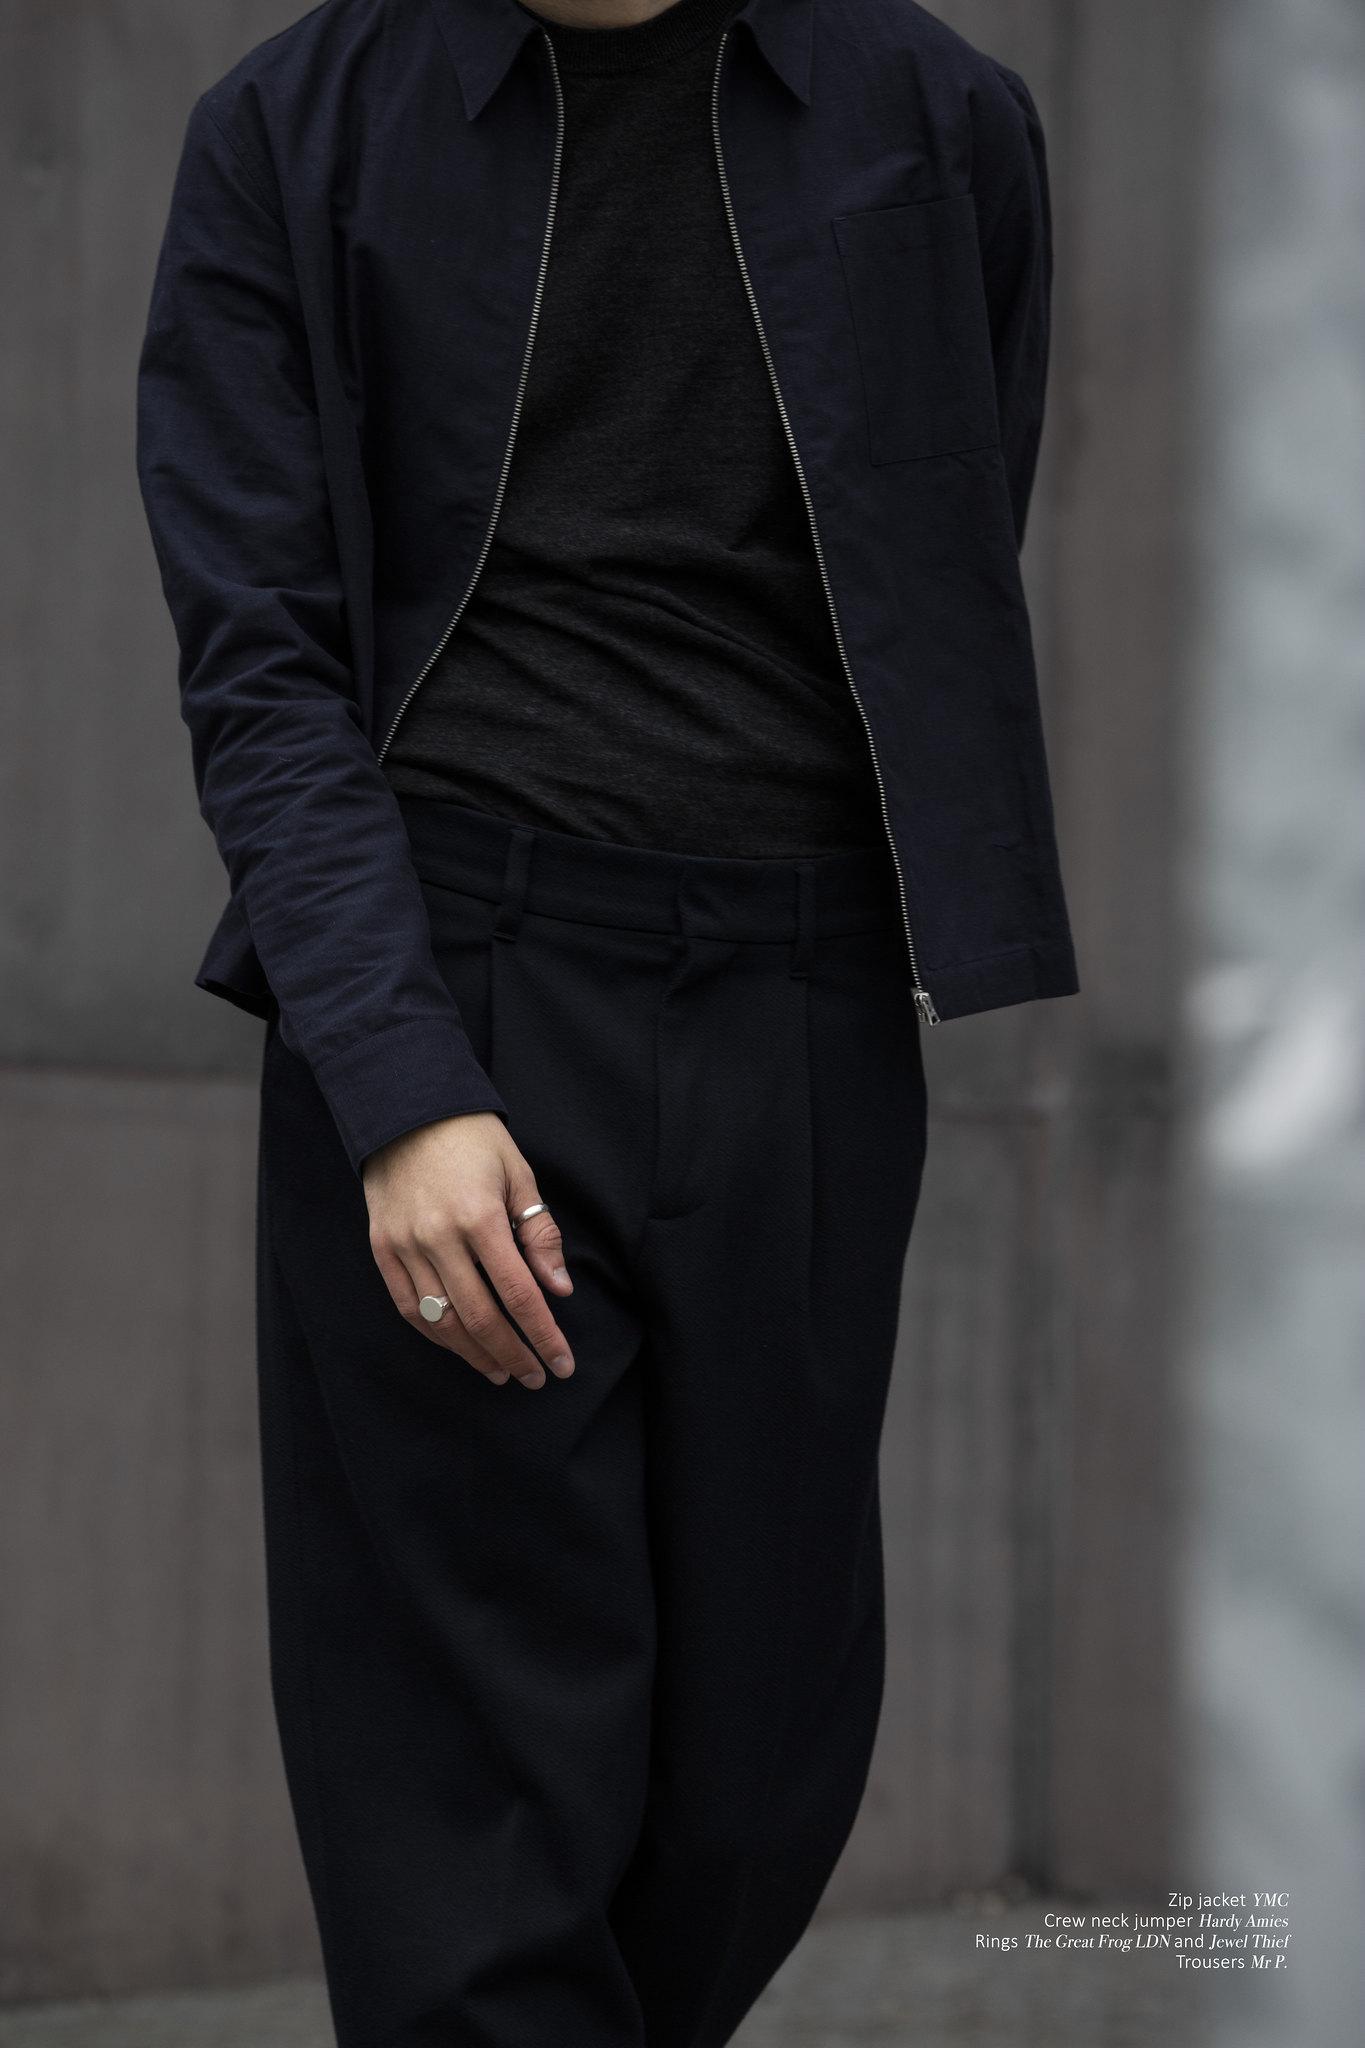 Jordan_Bunker_wearing_trousers_4